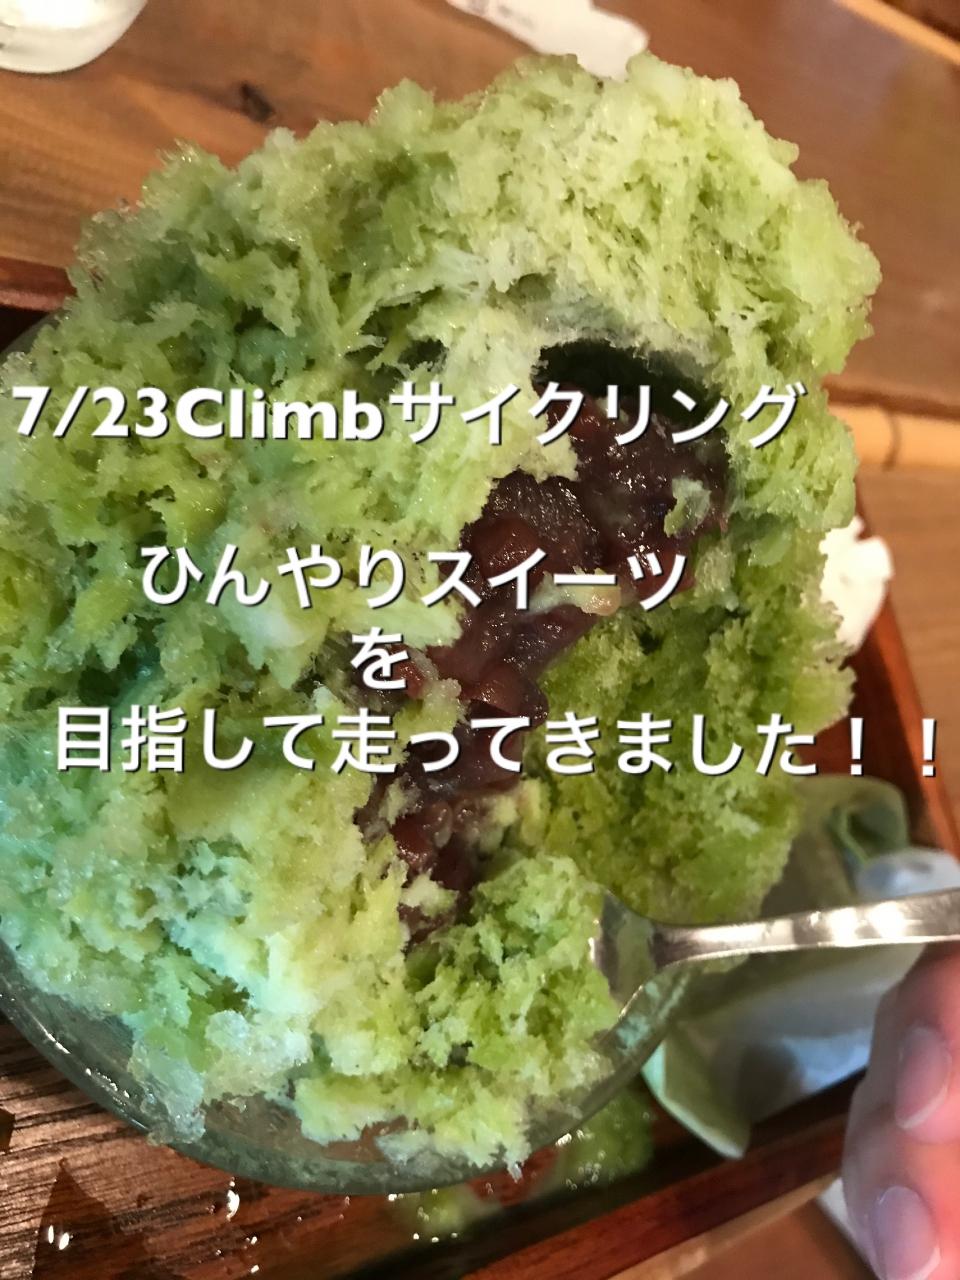 7/23(日)Climbサイクリング高砂・加古川「ひんやりスイーツ」に行ってきました!!